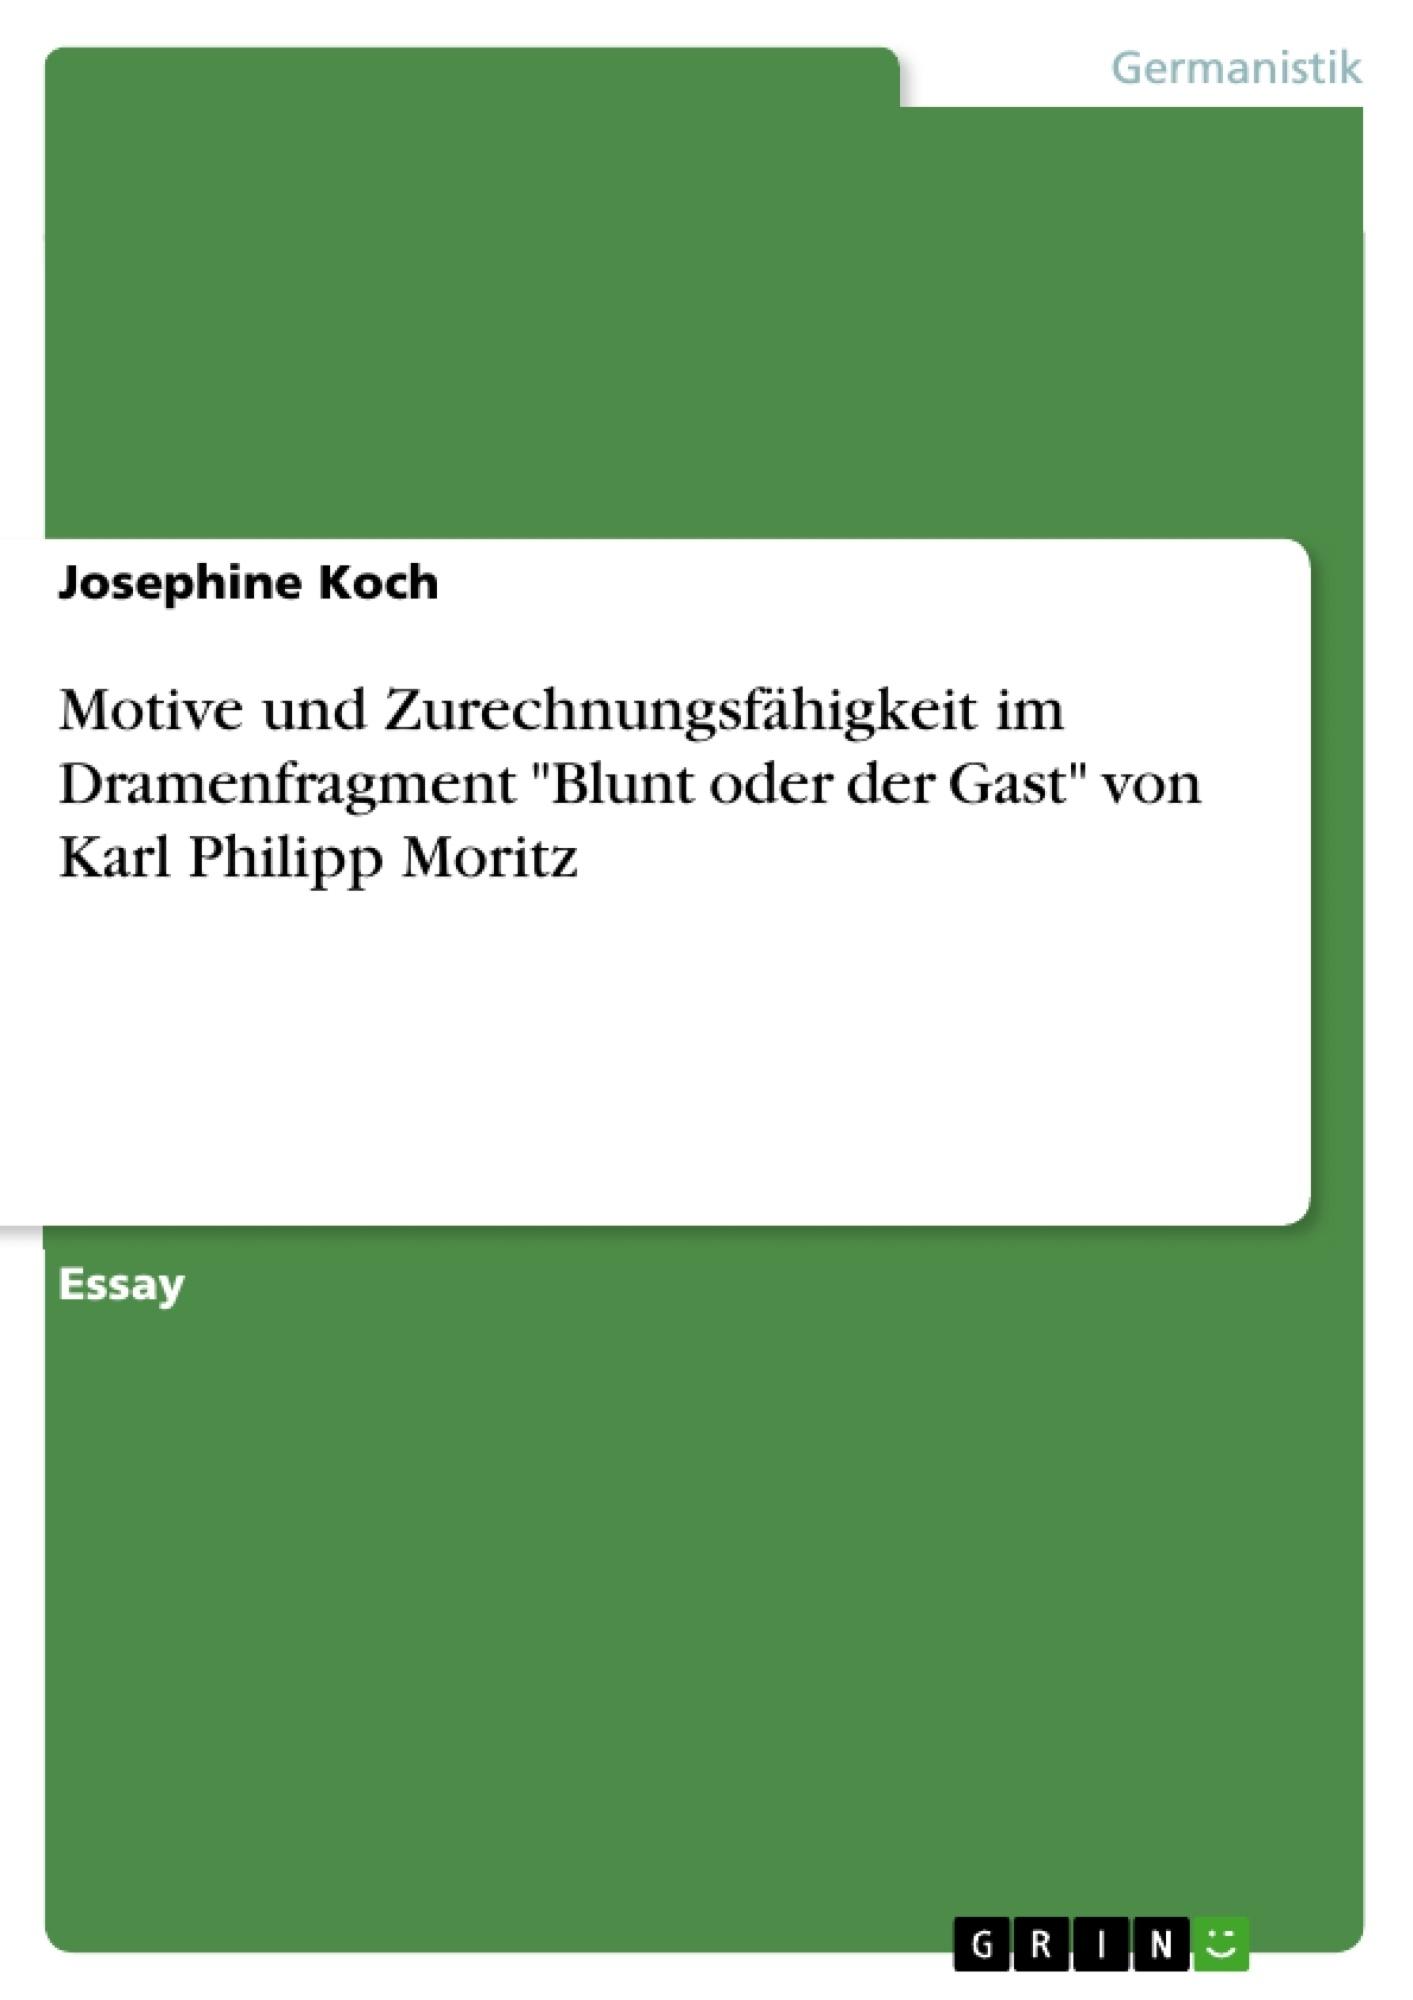 """Titel: Motive und Zurechnungsfähigkeit im Dramenfragment """"Blunt oder der Gast"""" von Karl Philipp Moritz"""